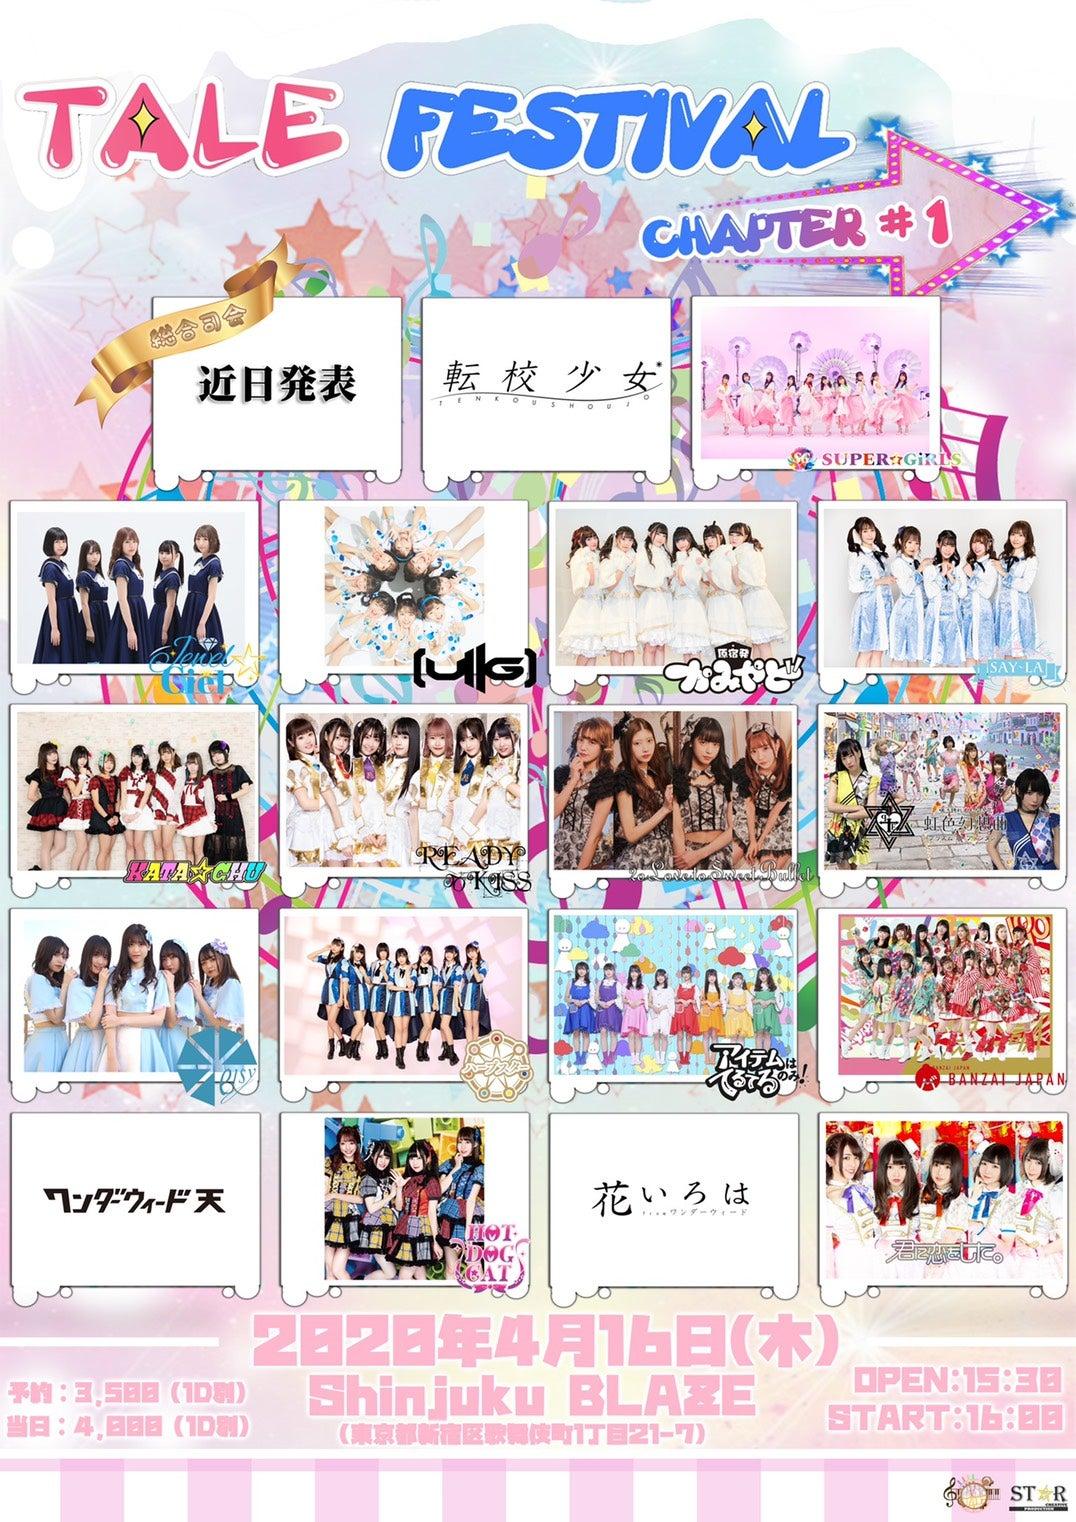 【新規イベント】4月16日(木)TALE FESTIVAL Chapter #01出演決定!の記事より